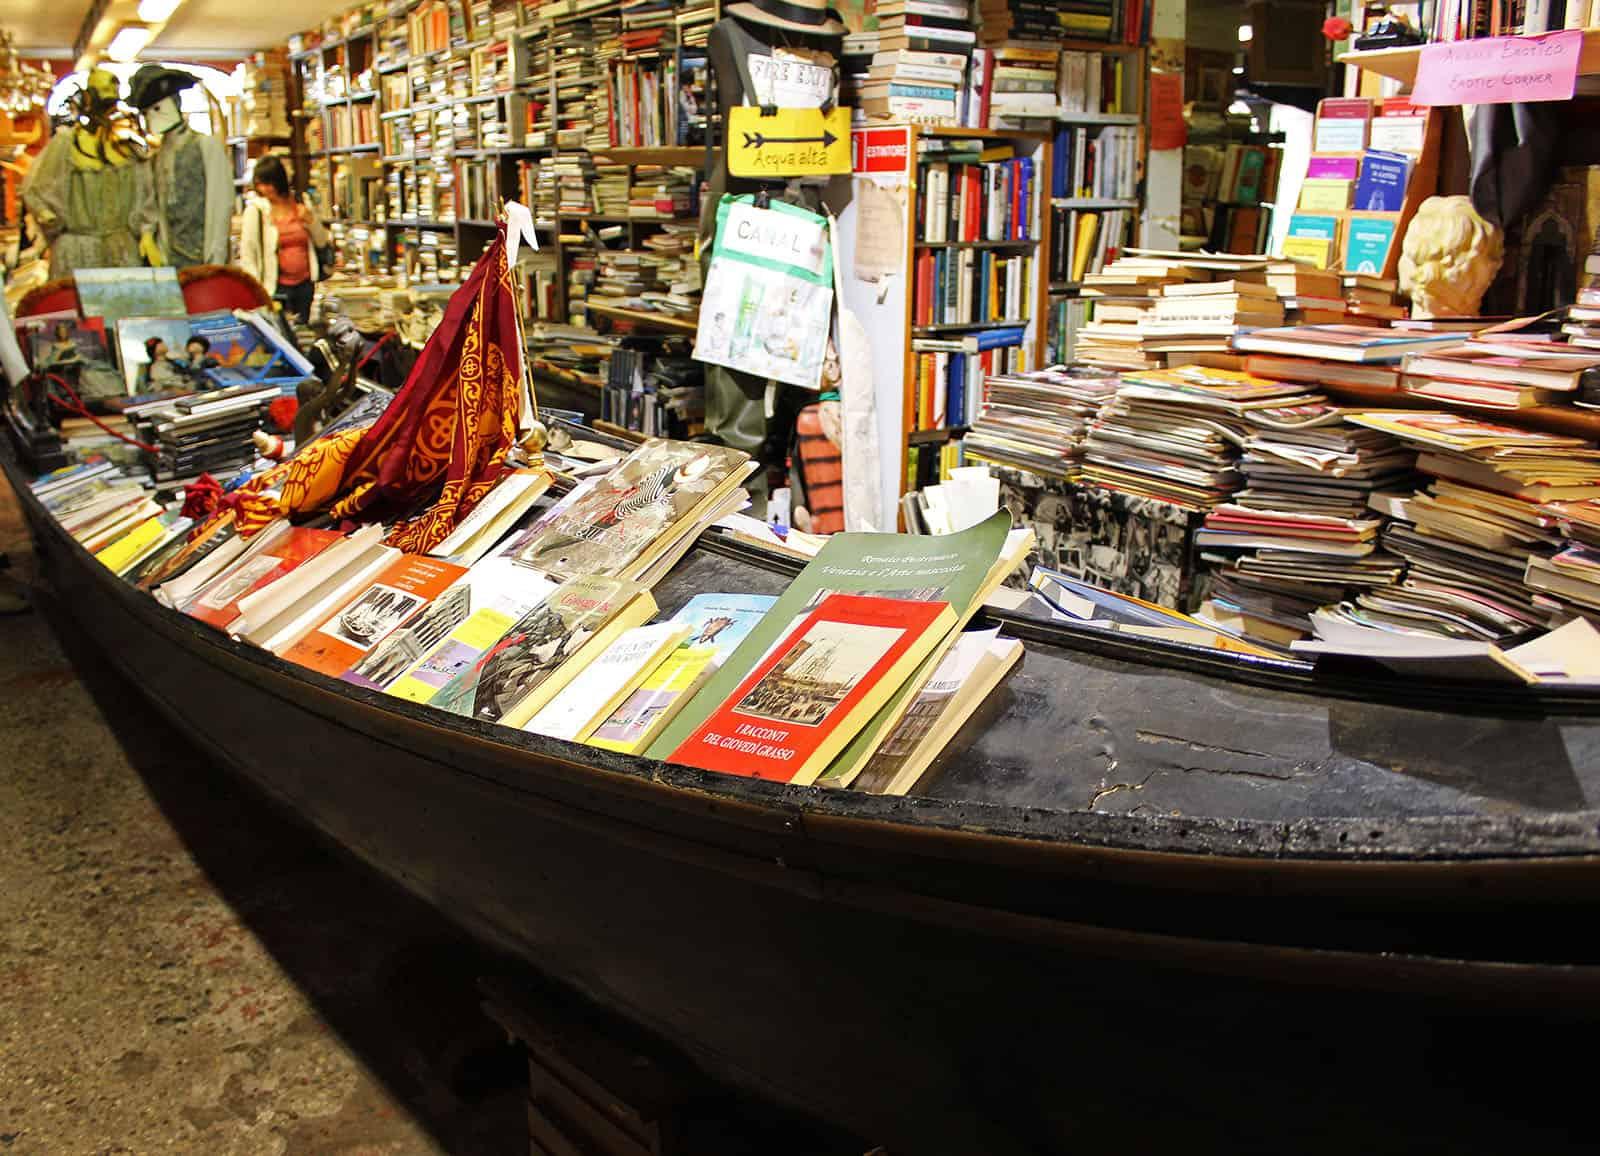 Libreria Acqua Alta Bookstore in Venice